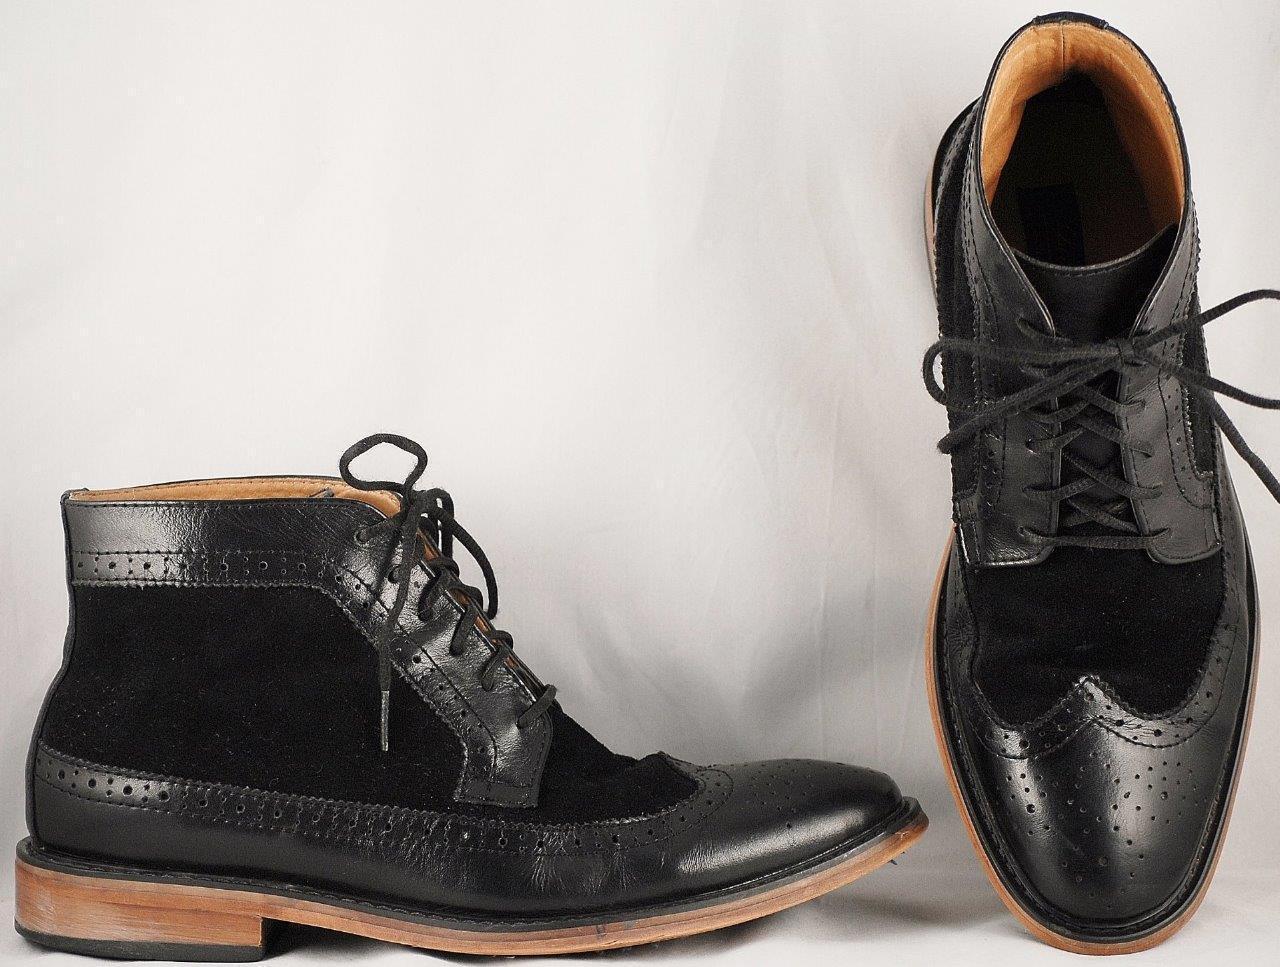 Men's La Milano Black Leather Suede Brogans US 10.5